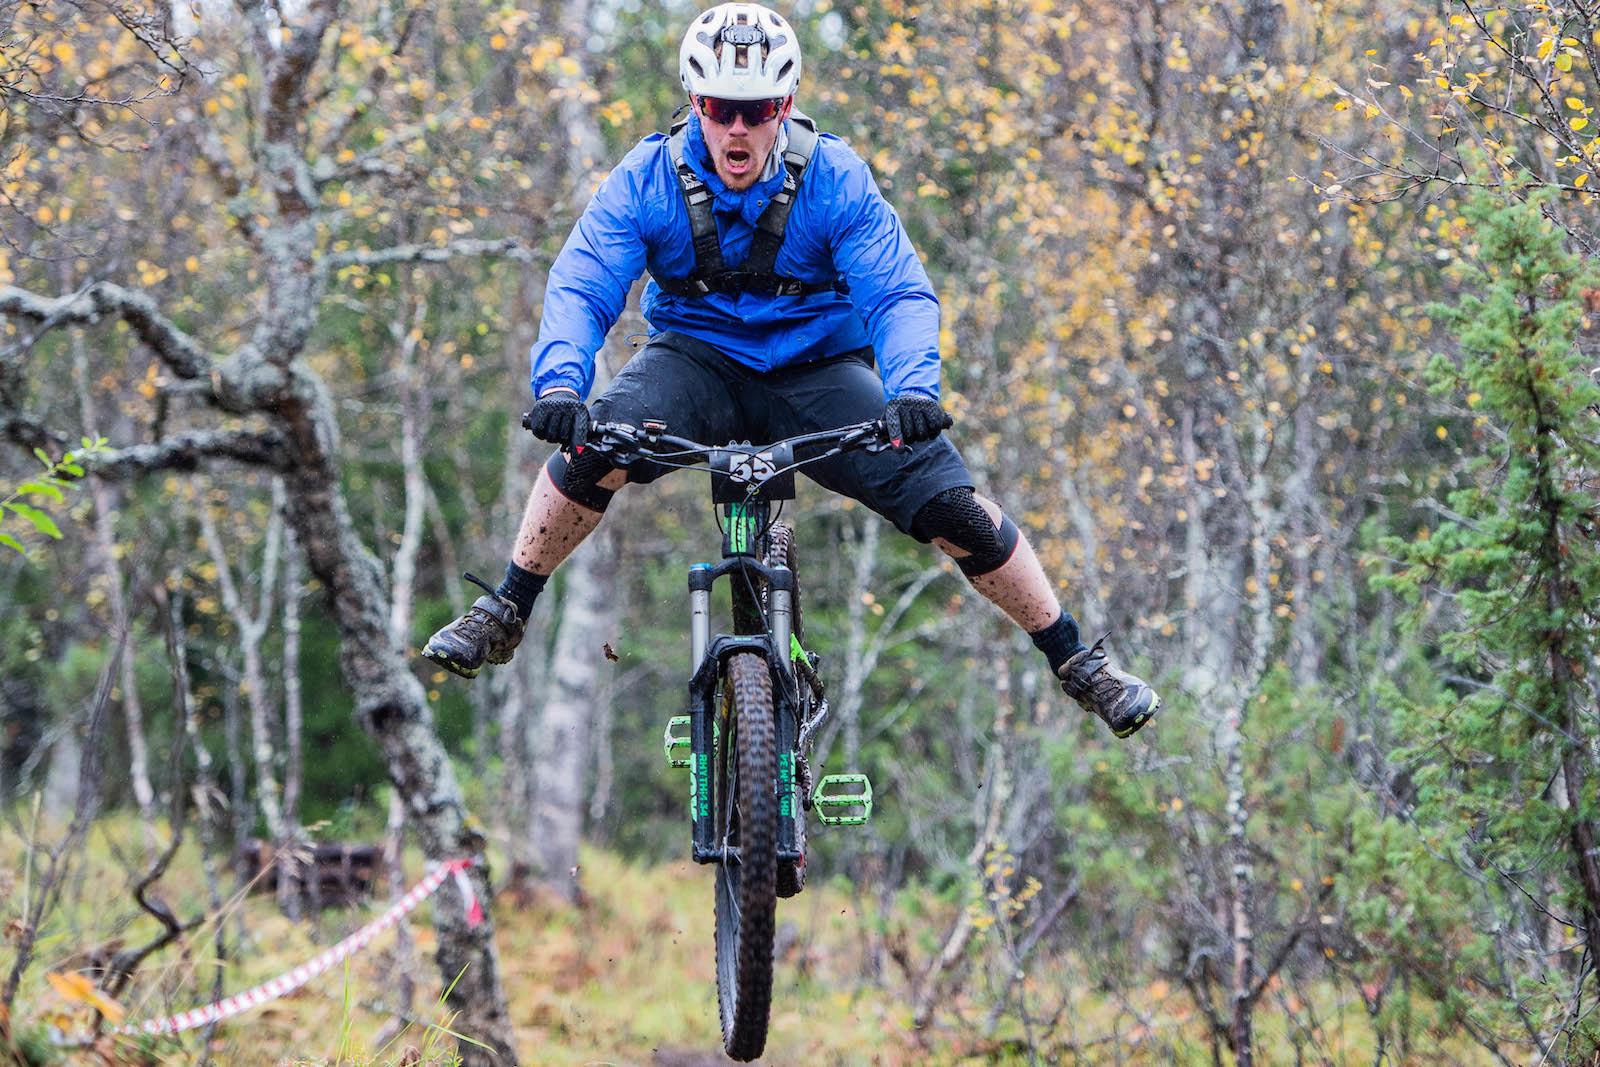 Harstad Enduro ble arrangert for første gang i fjor. I år er rittet tilbake med nye etapper og enda flere klasser. Foto: Hans Magnus Einen Larsen